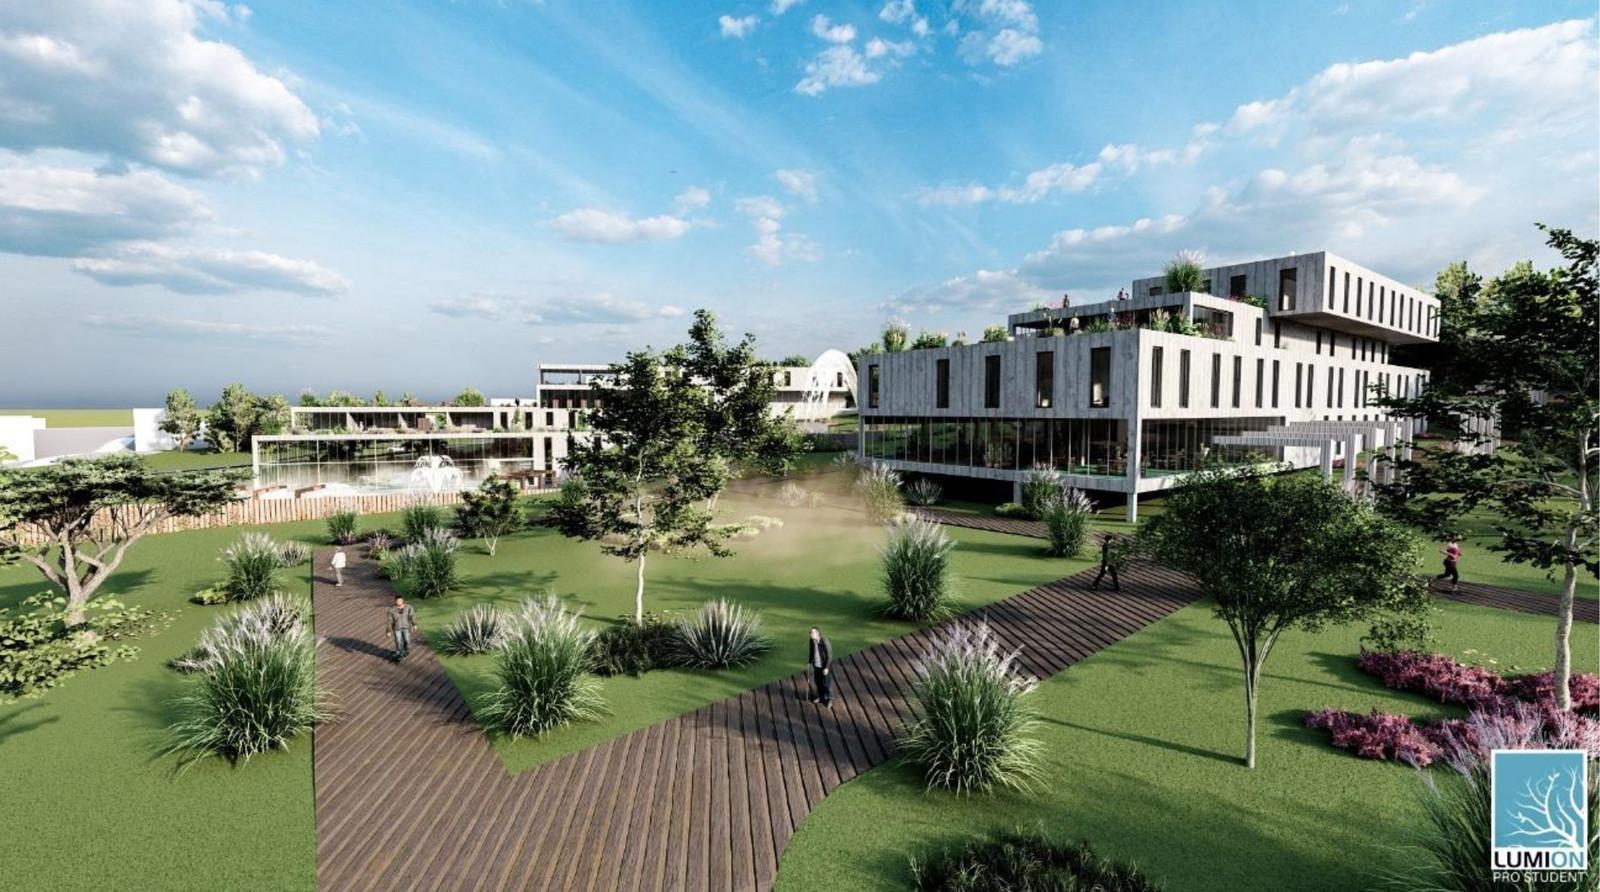 Studentka stworzyła projekt architektoniczny sanatorium w Birczy [ZDJĘCIA] - Zdjęcie główne